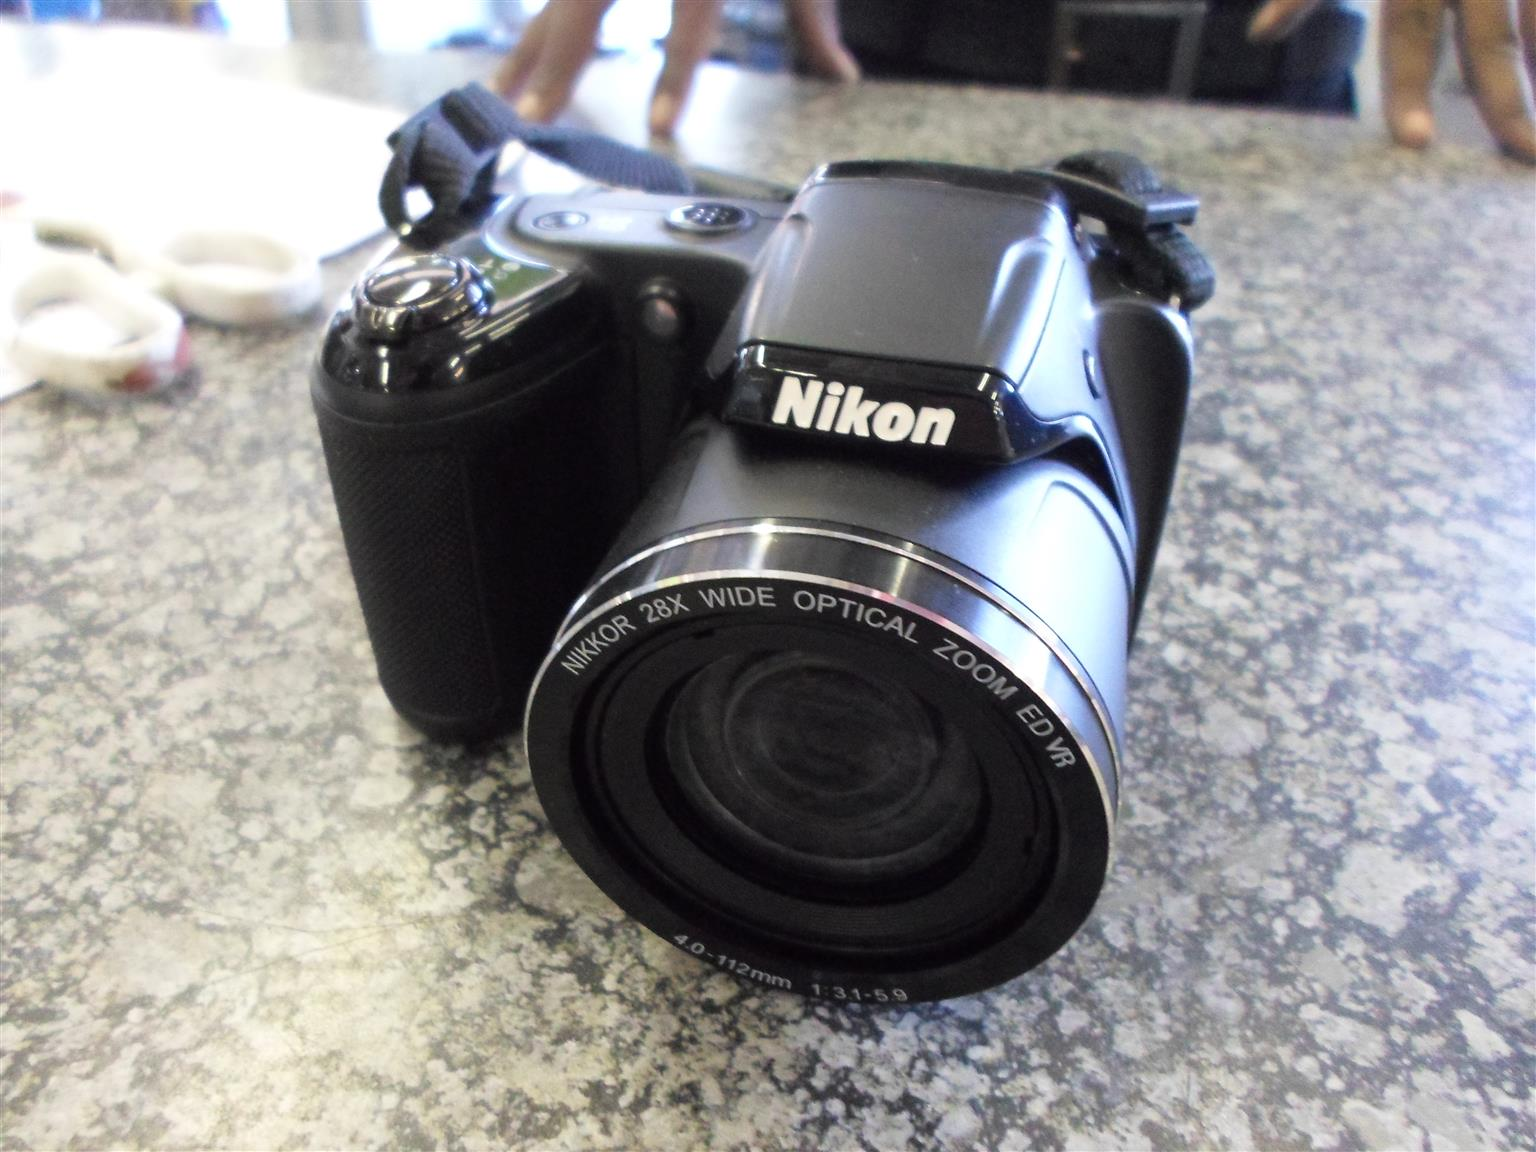 Nikon Coolpix L340 Camera.